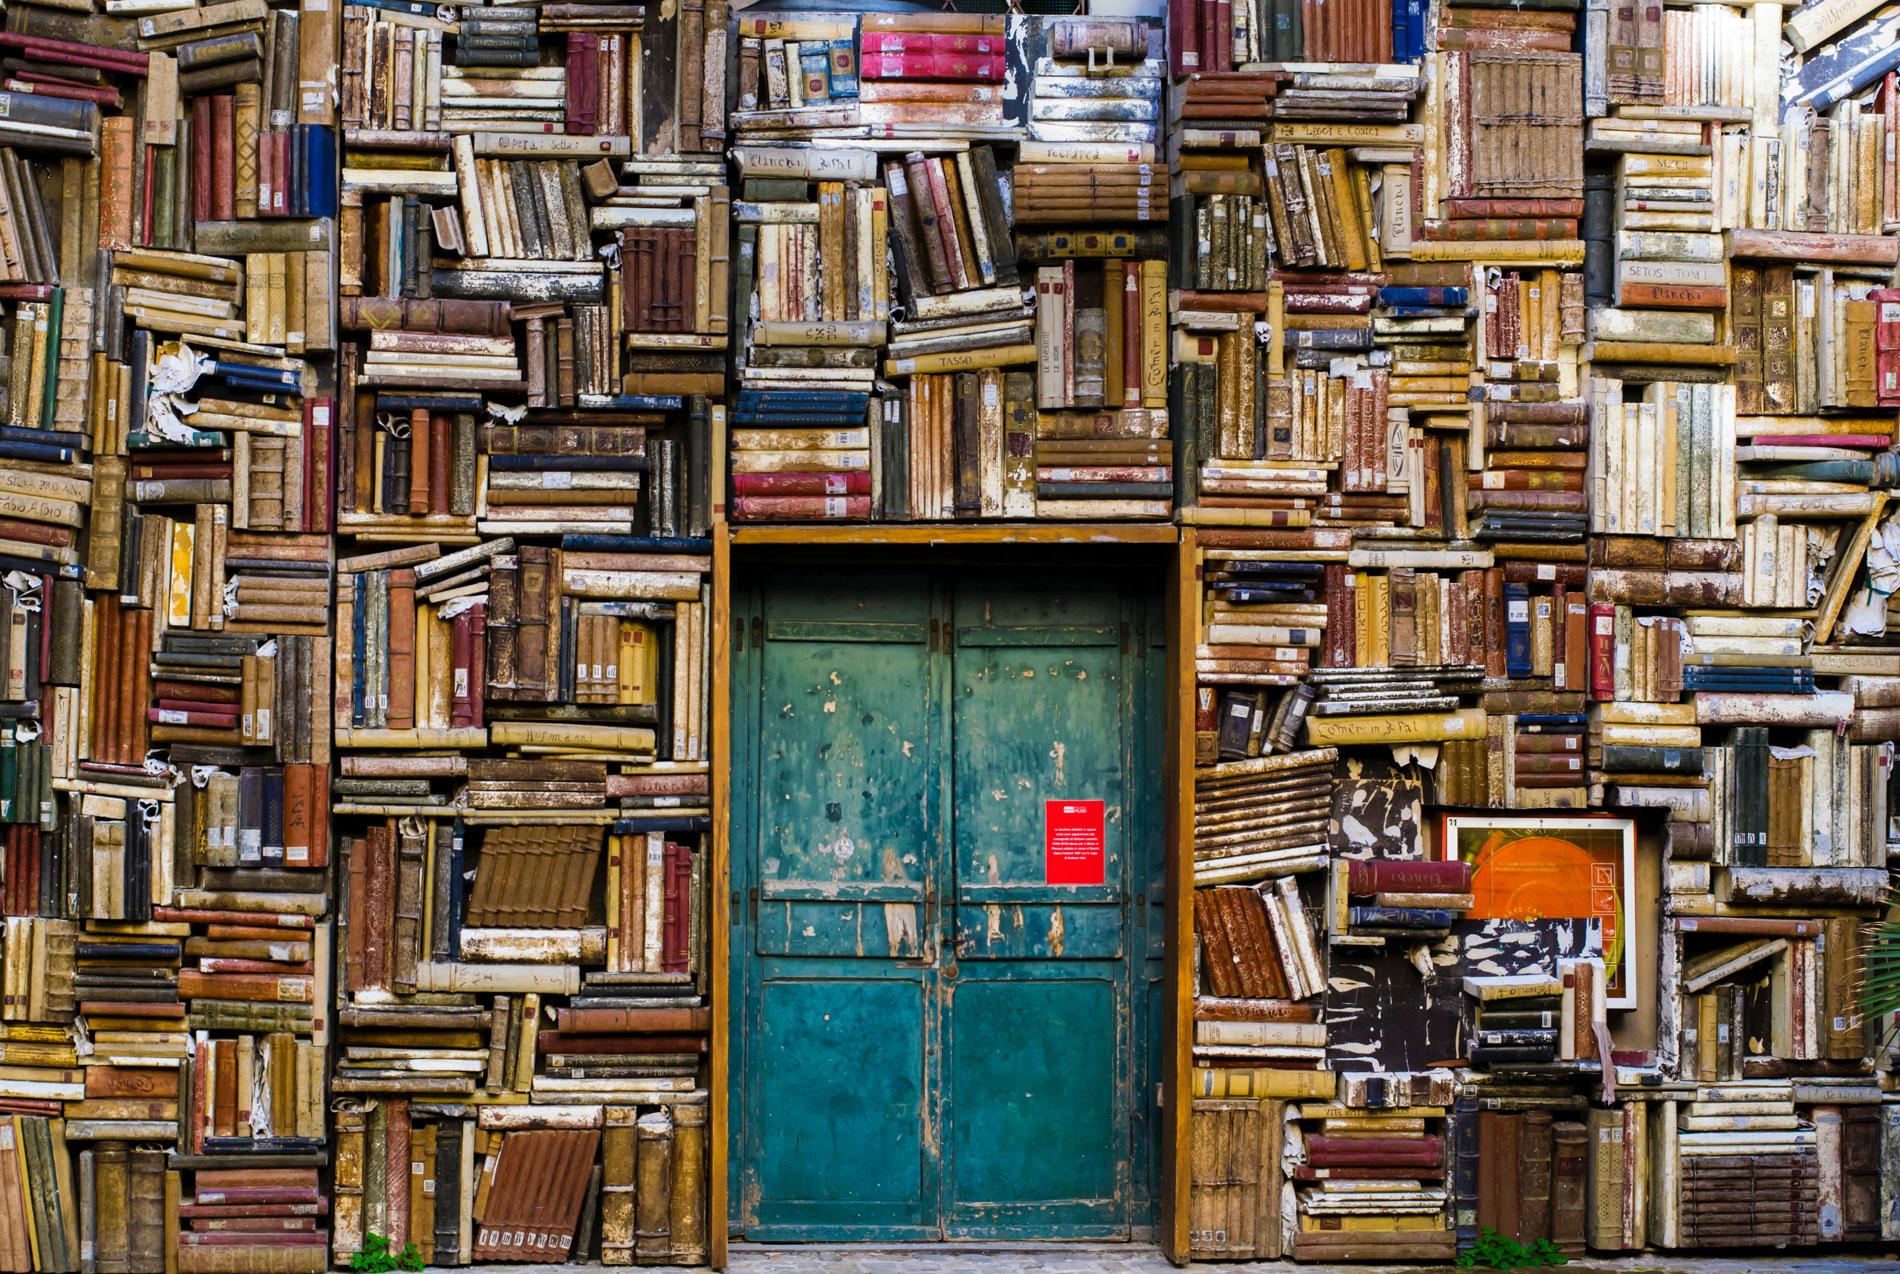 Tür zum Buch-Marketing